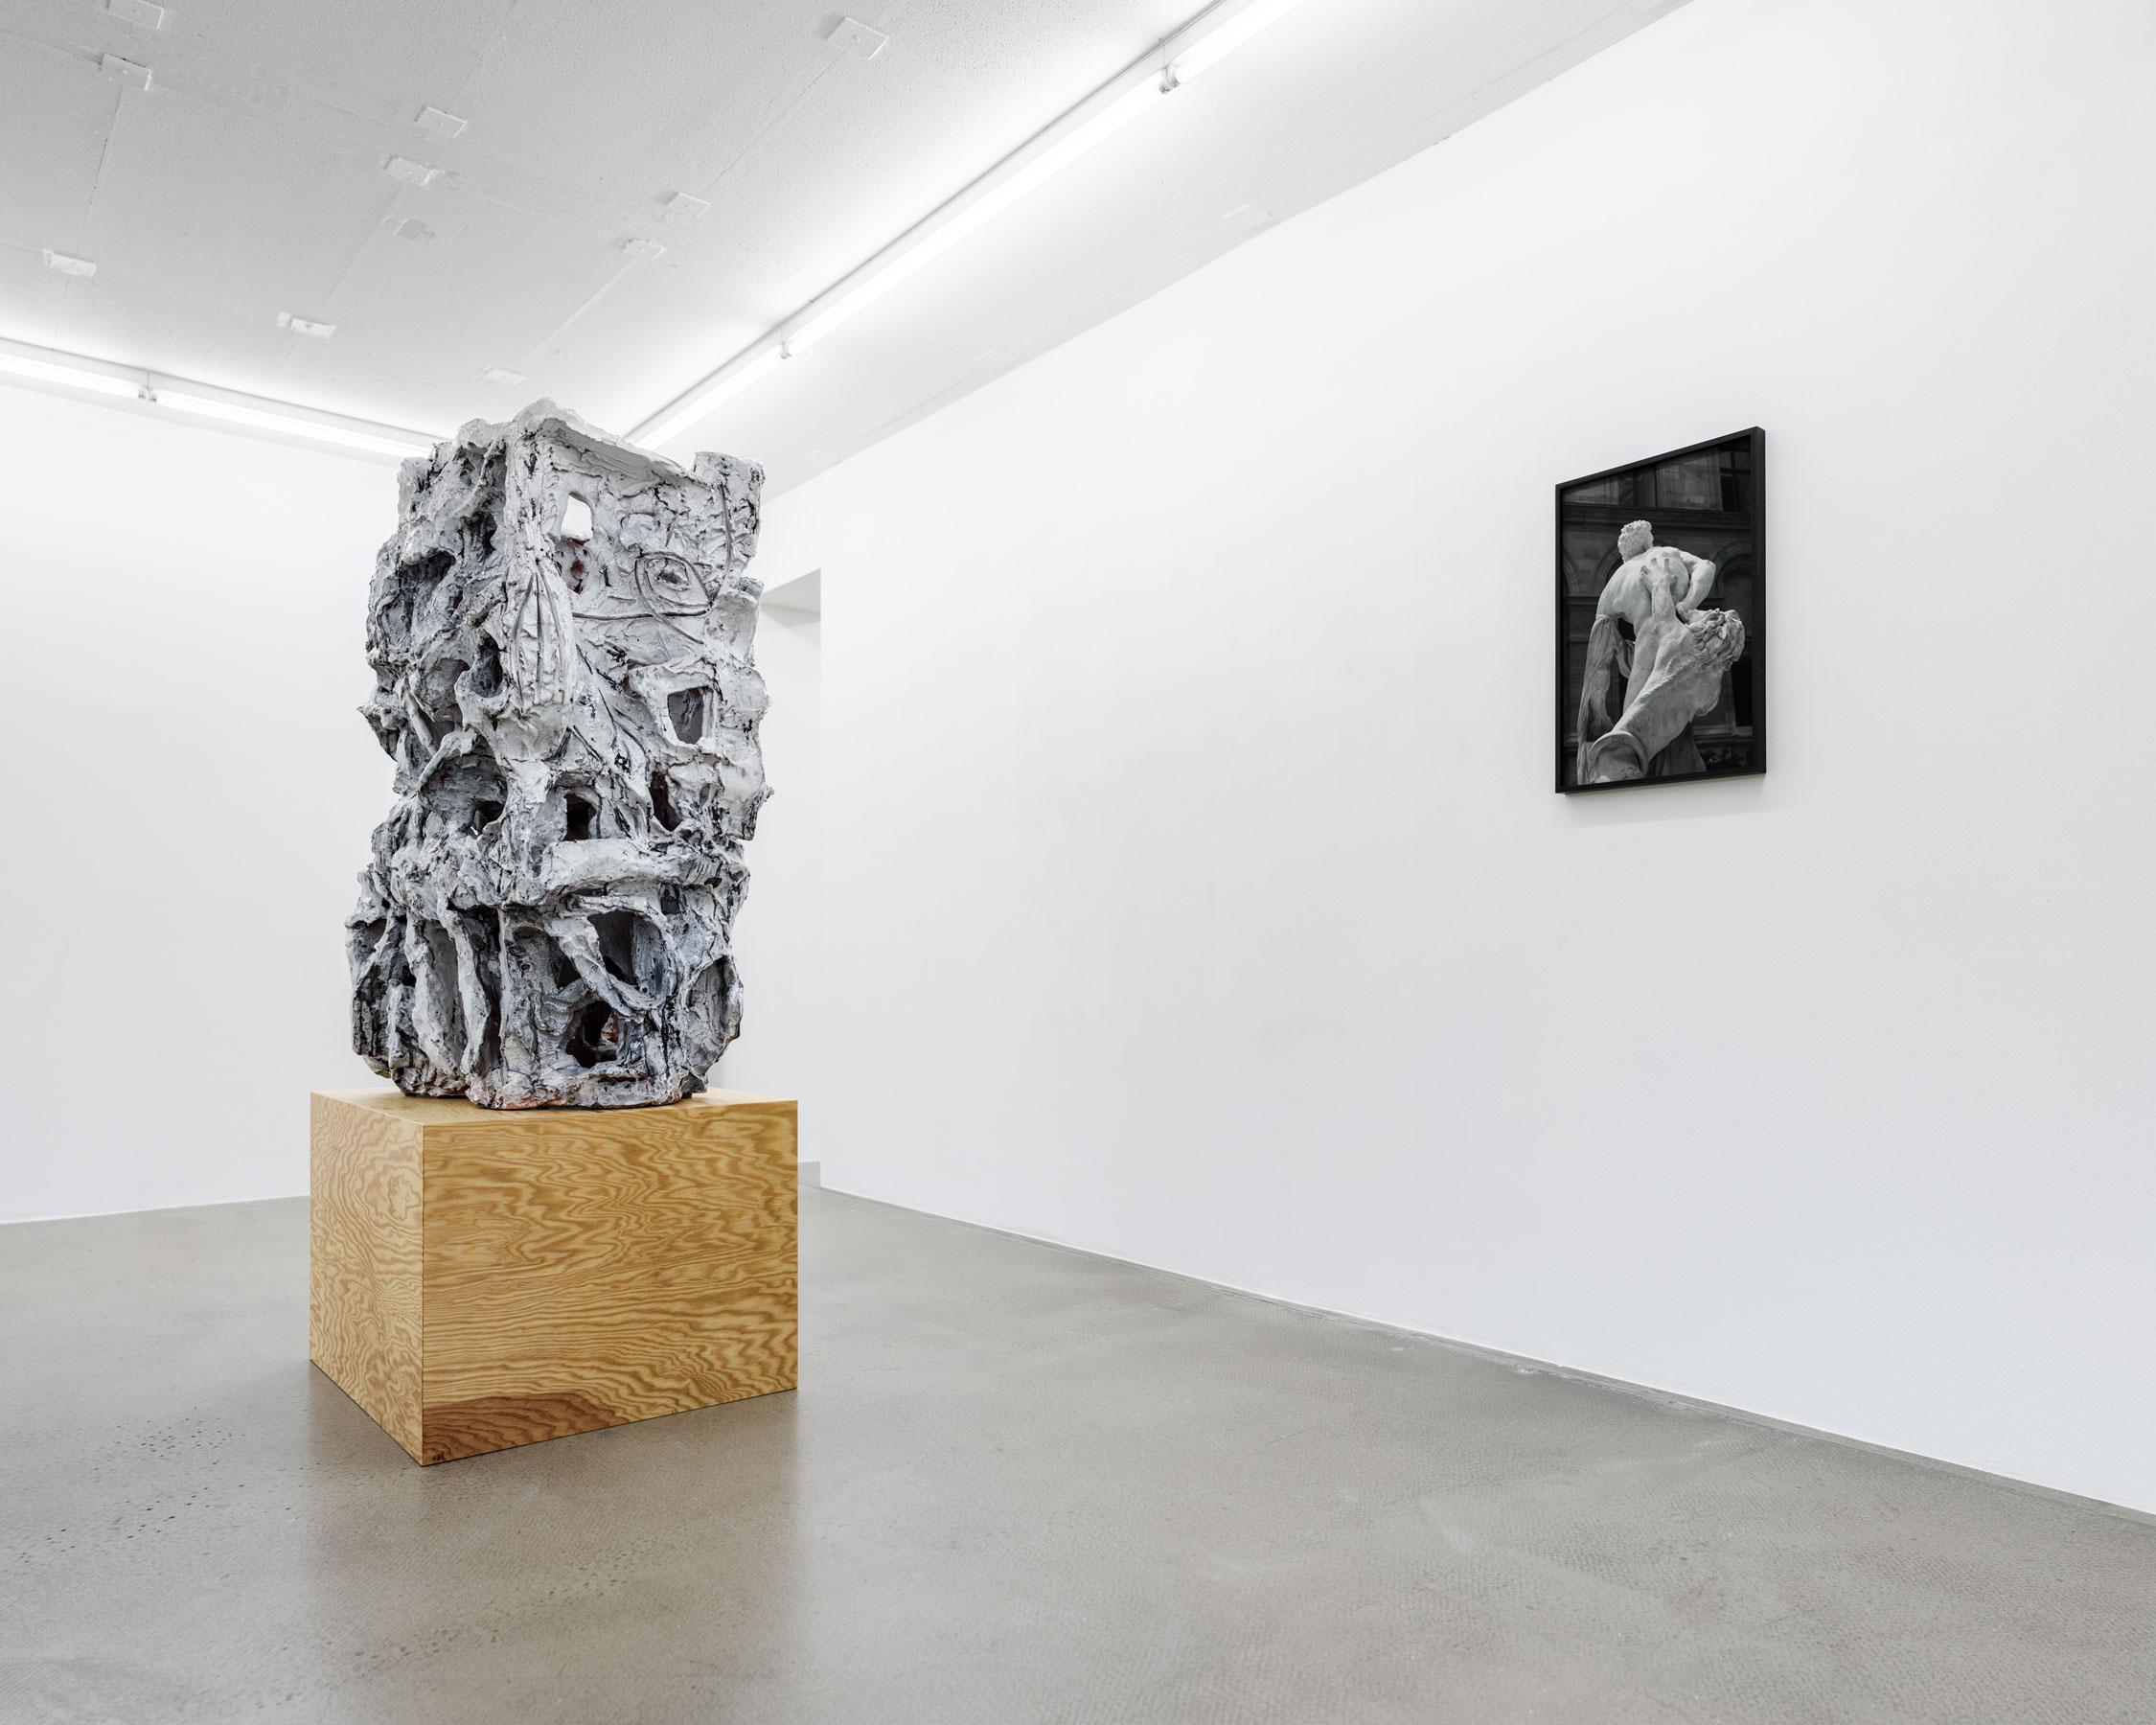 von-allen-seiten_Karweick_Moritz_installation-view_2021_13